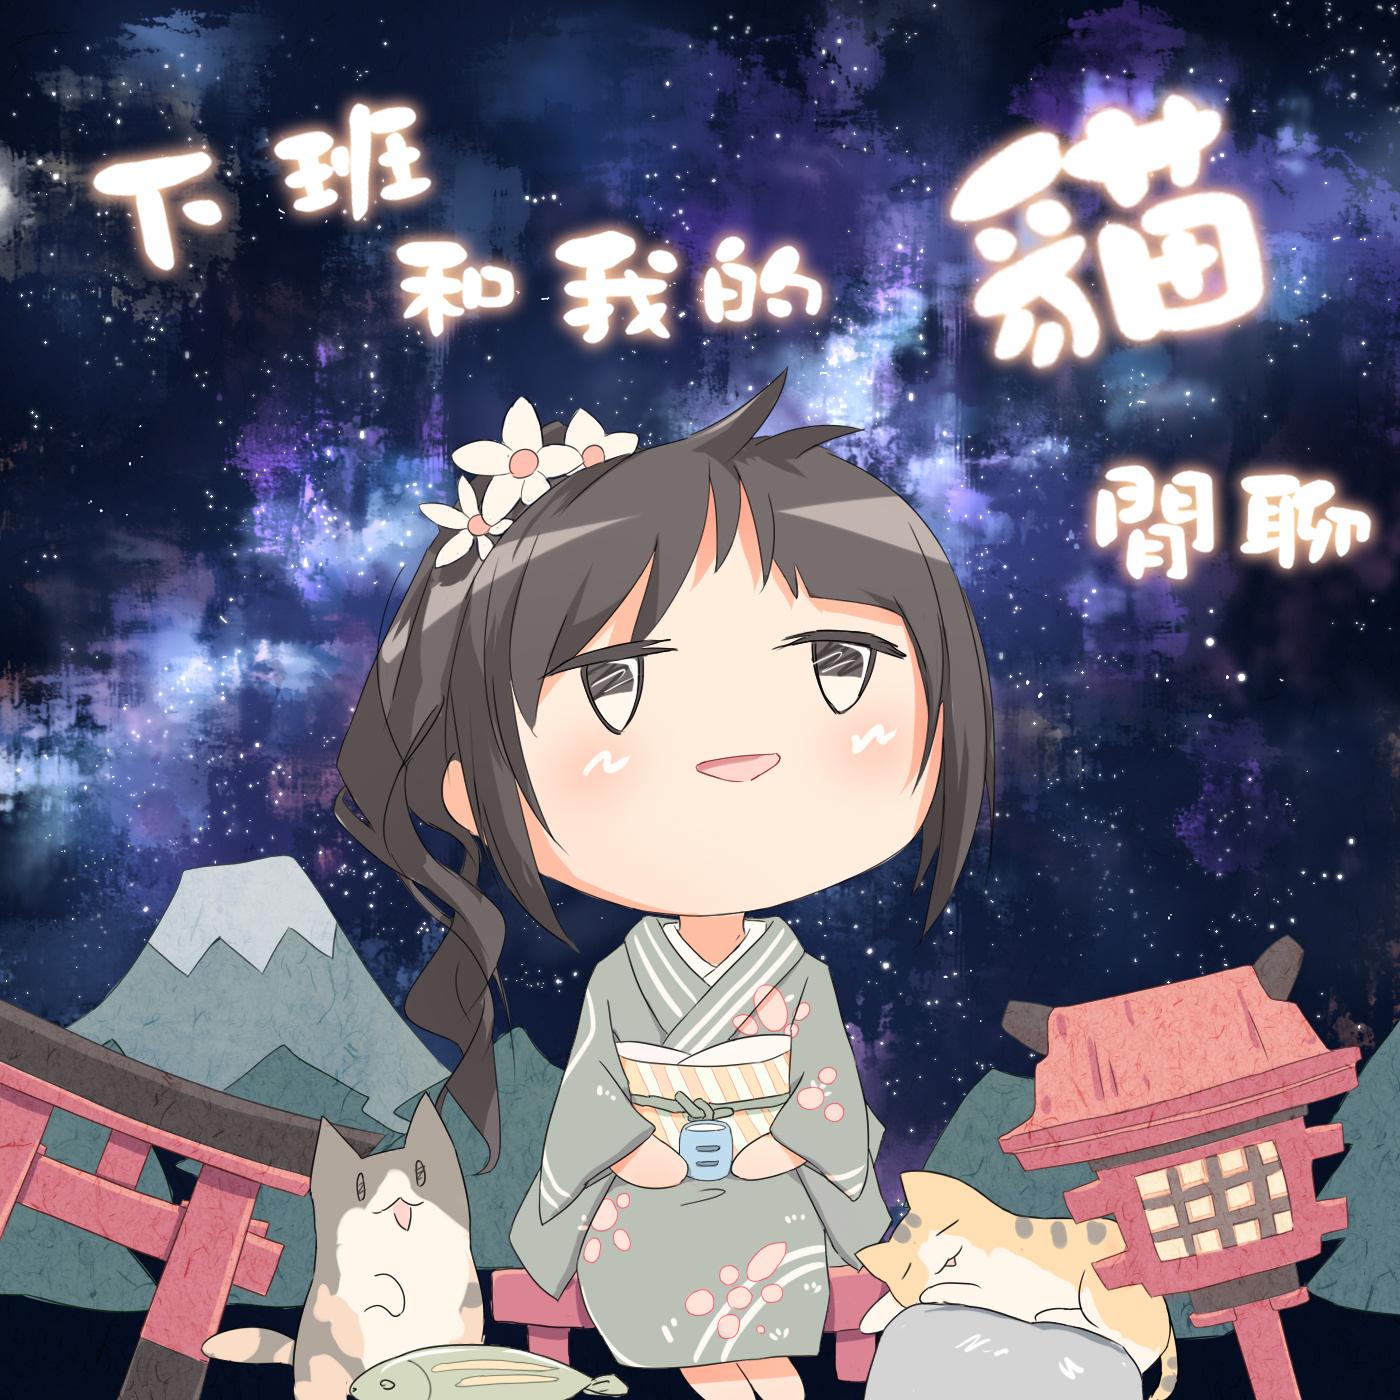 007▶說好的不負責任日文發音練習あいうえお來囉~